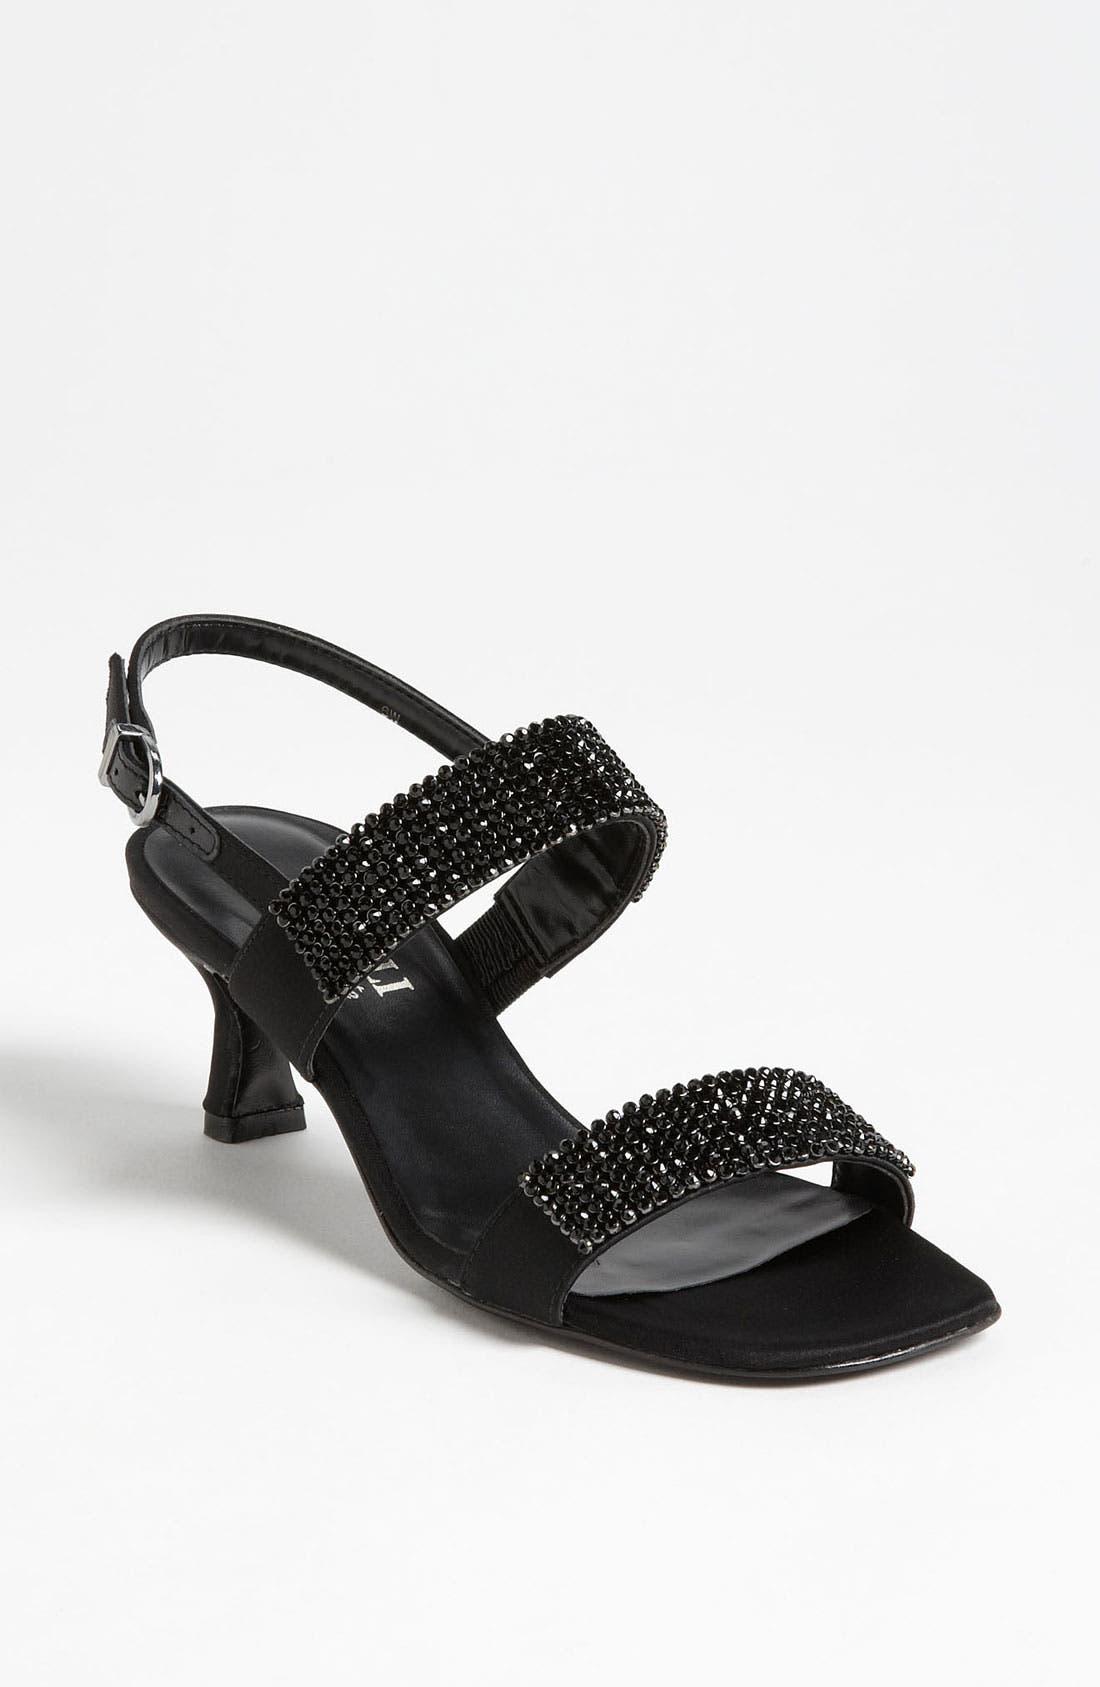 Main Image - VANELi 'Marieta' Sandal